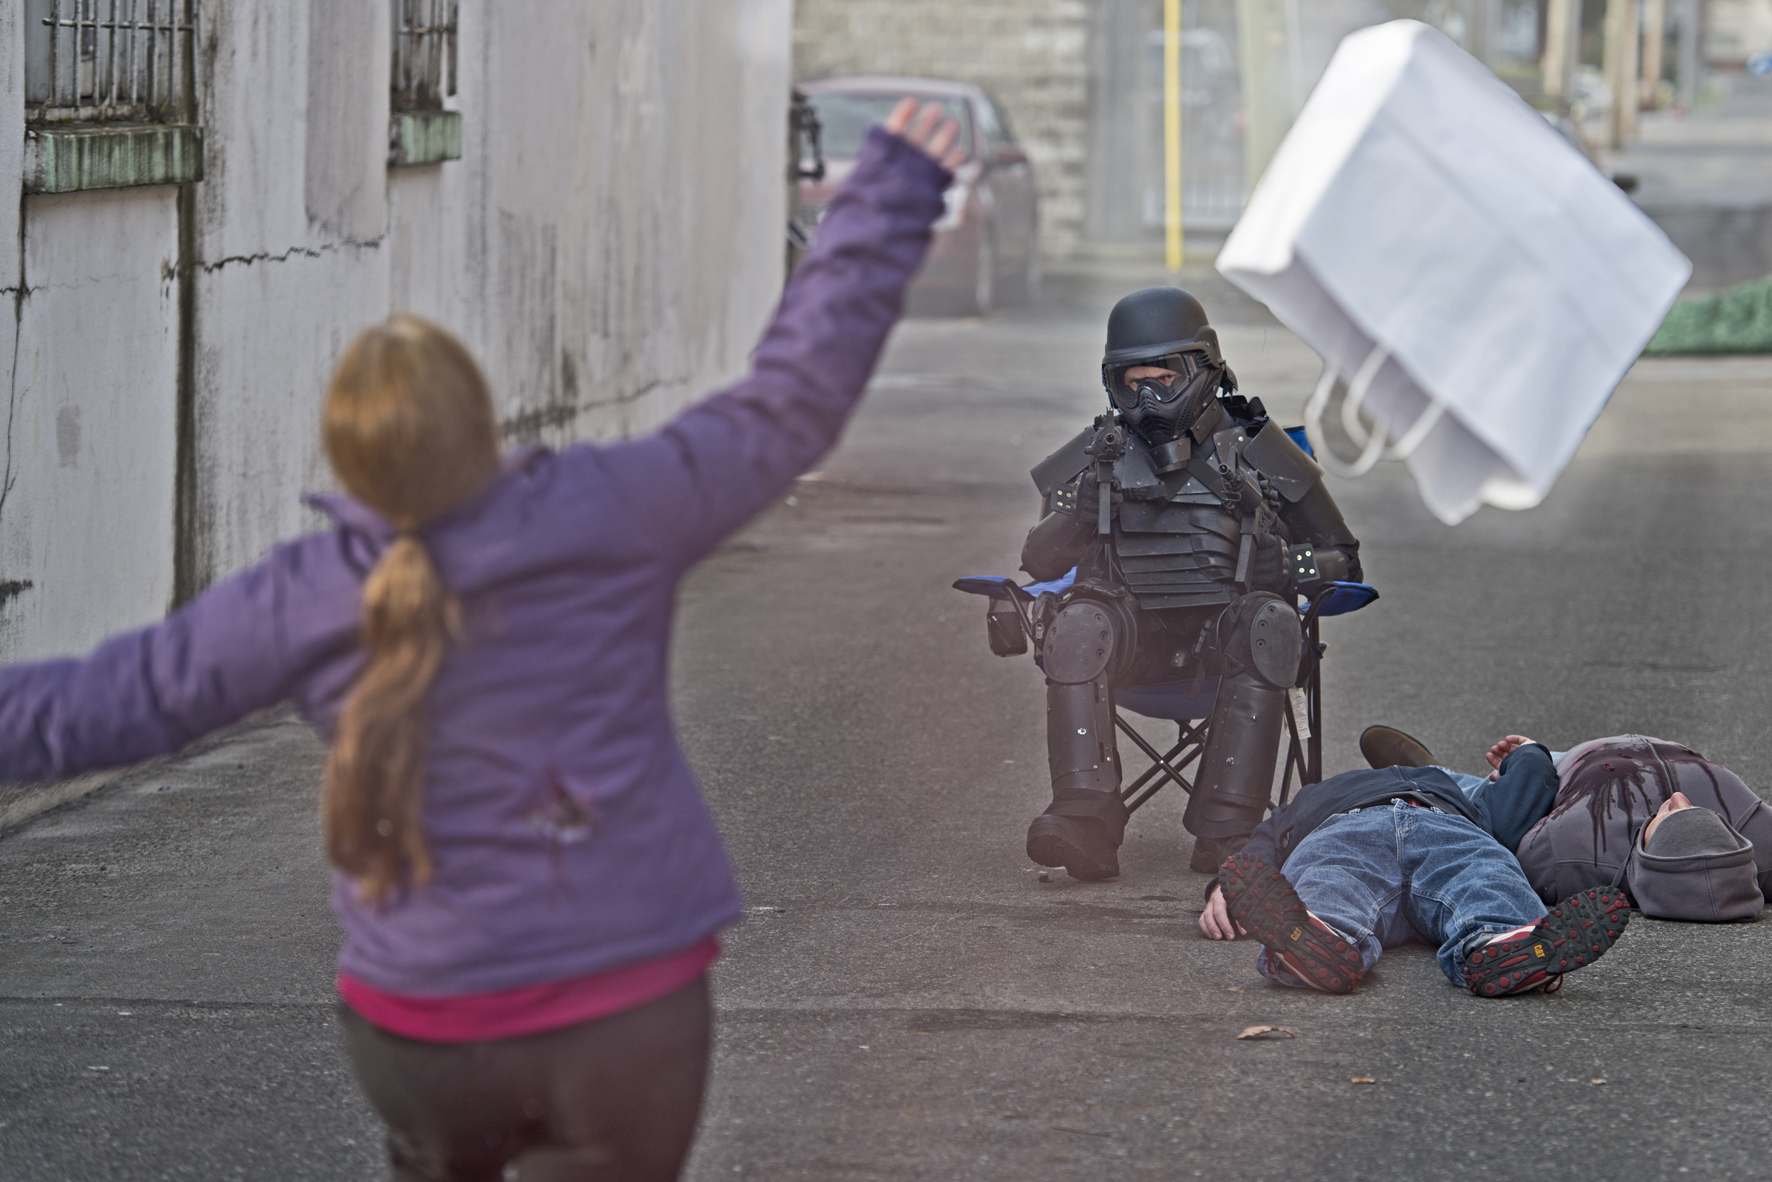 Смотреть онлайн бесплатно казни 8 фотография